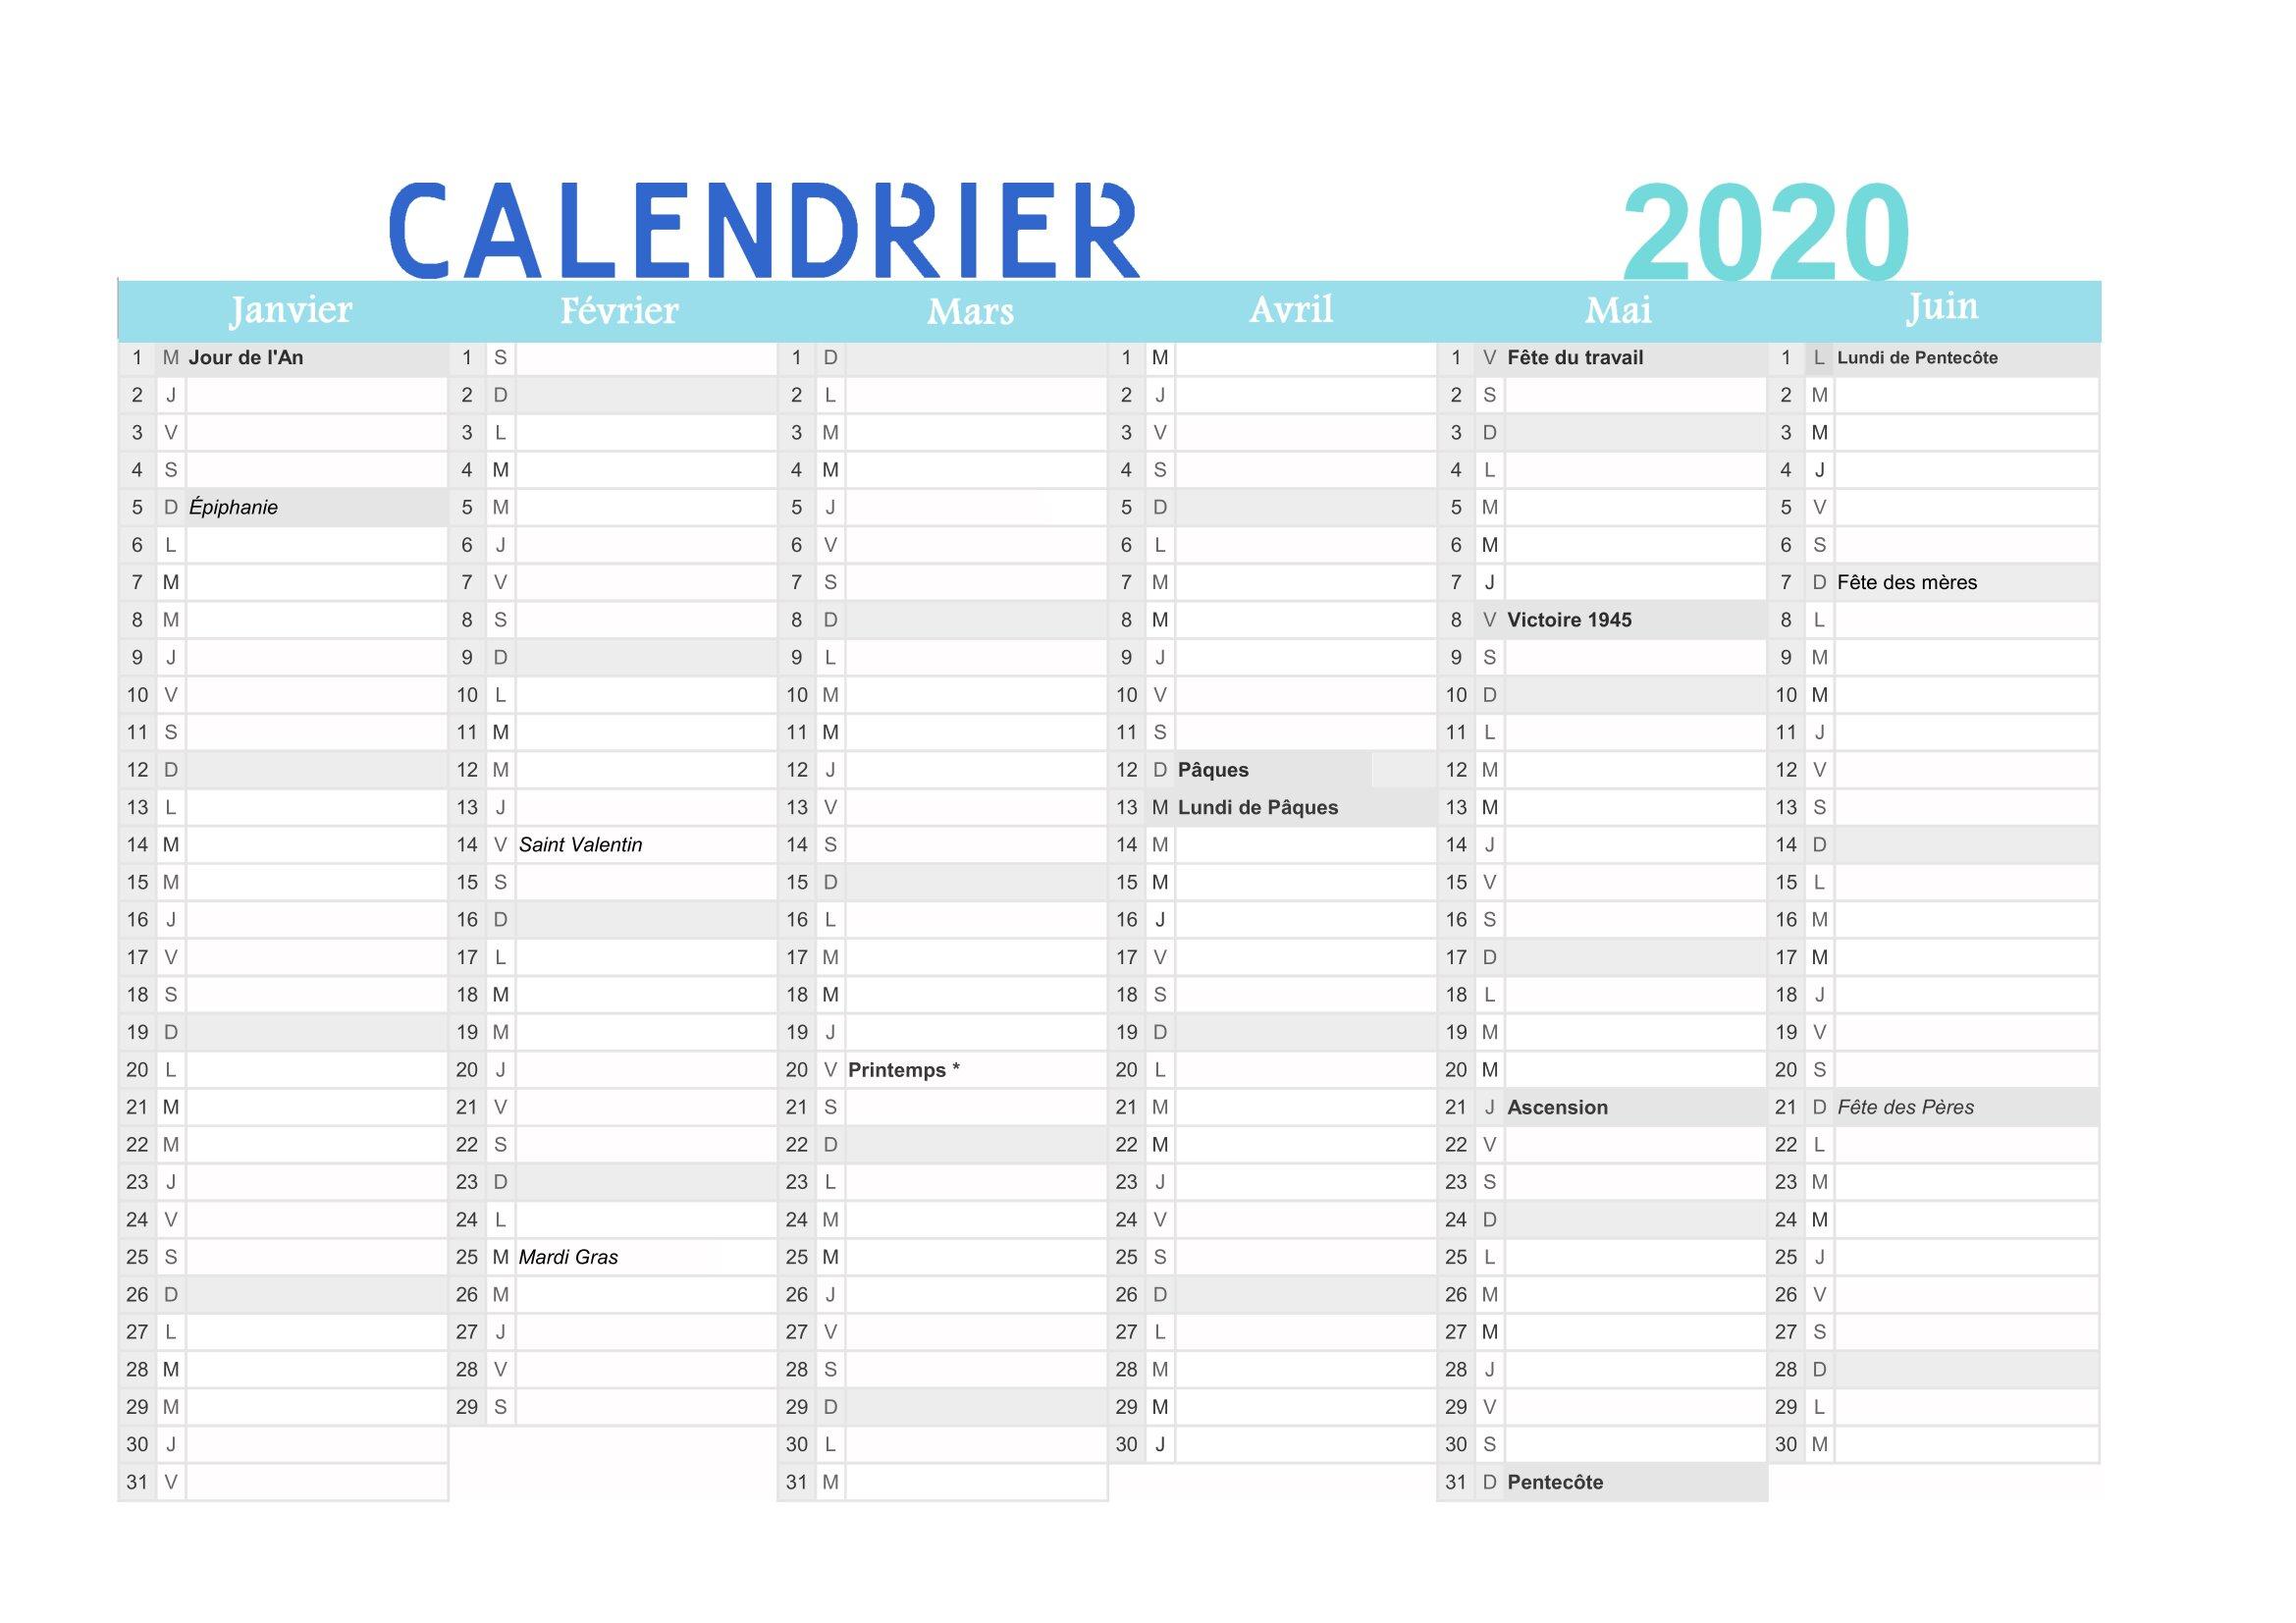 Calendrier 2020 À Imprimer (Gratuit) : Au Format Pdf dedans Calendrier Des Anniversaires À Imprimer Gratuit